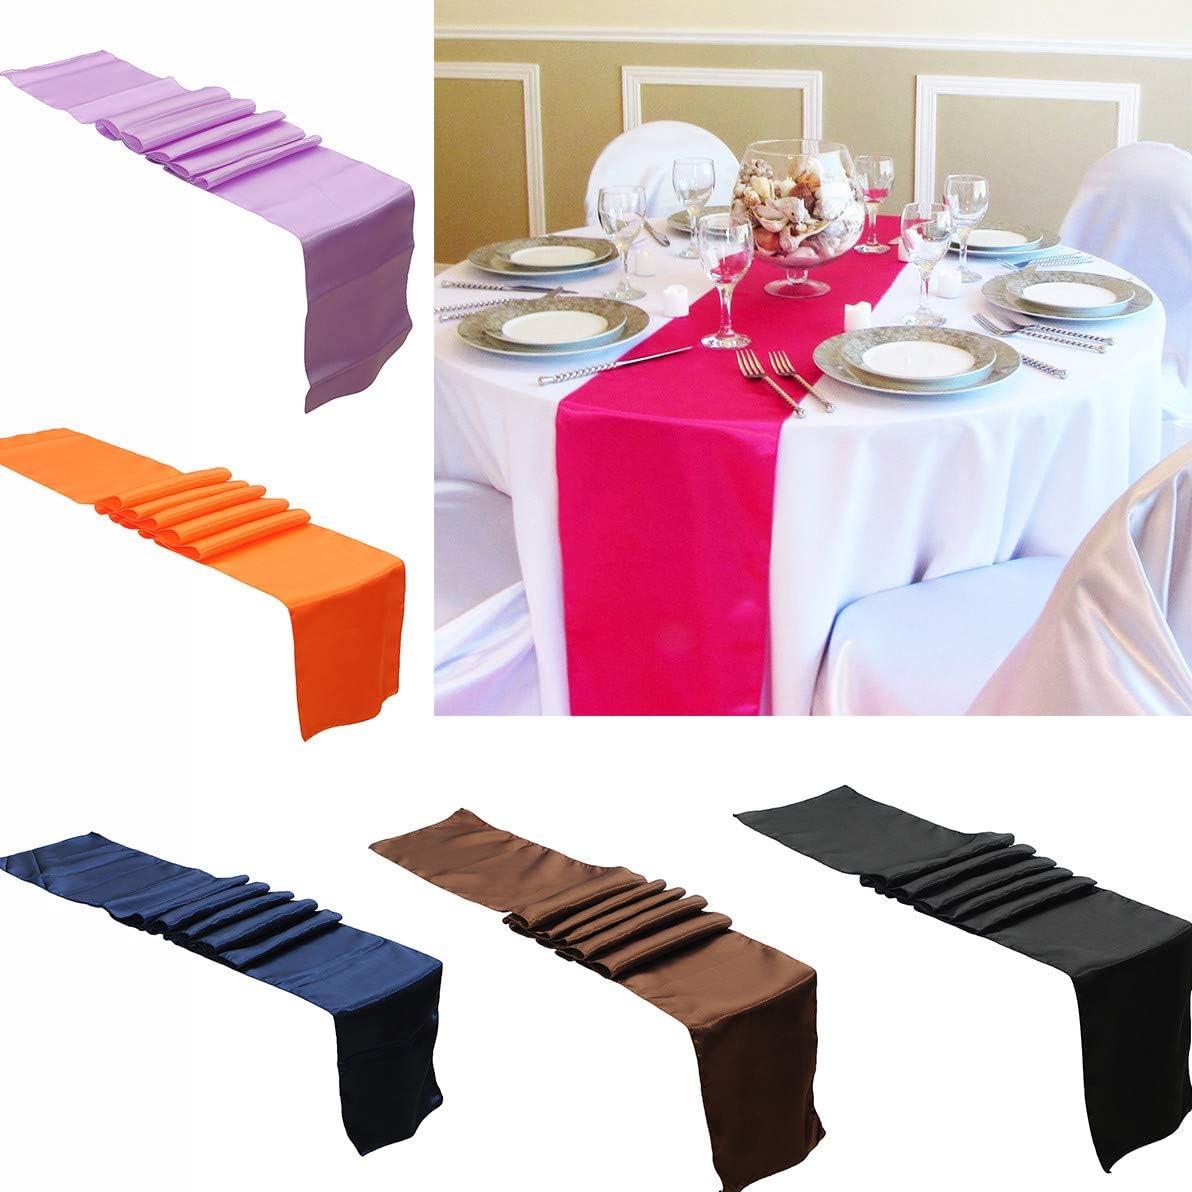 Lavabile Runner da tavola in Tinta Unita Banchetti Compleanni Baby Shower Coffee Decorazione per Matrimoni FiedFikt Sadin ricevimenti